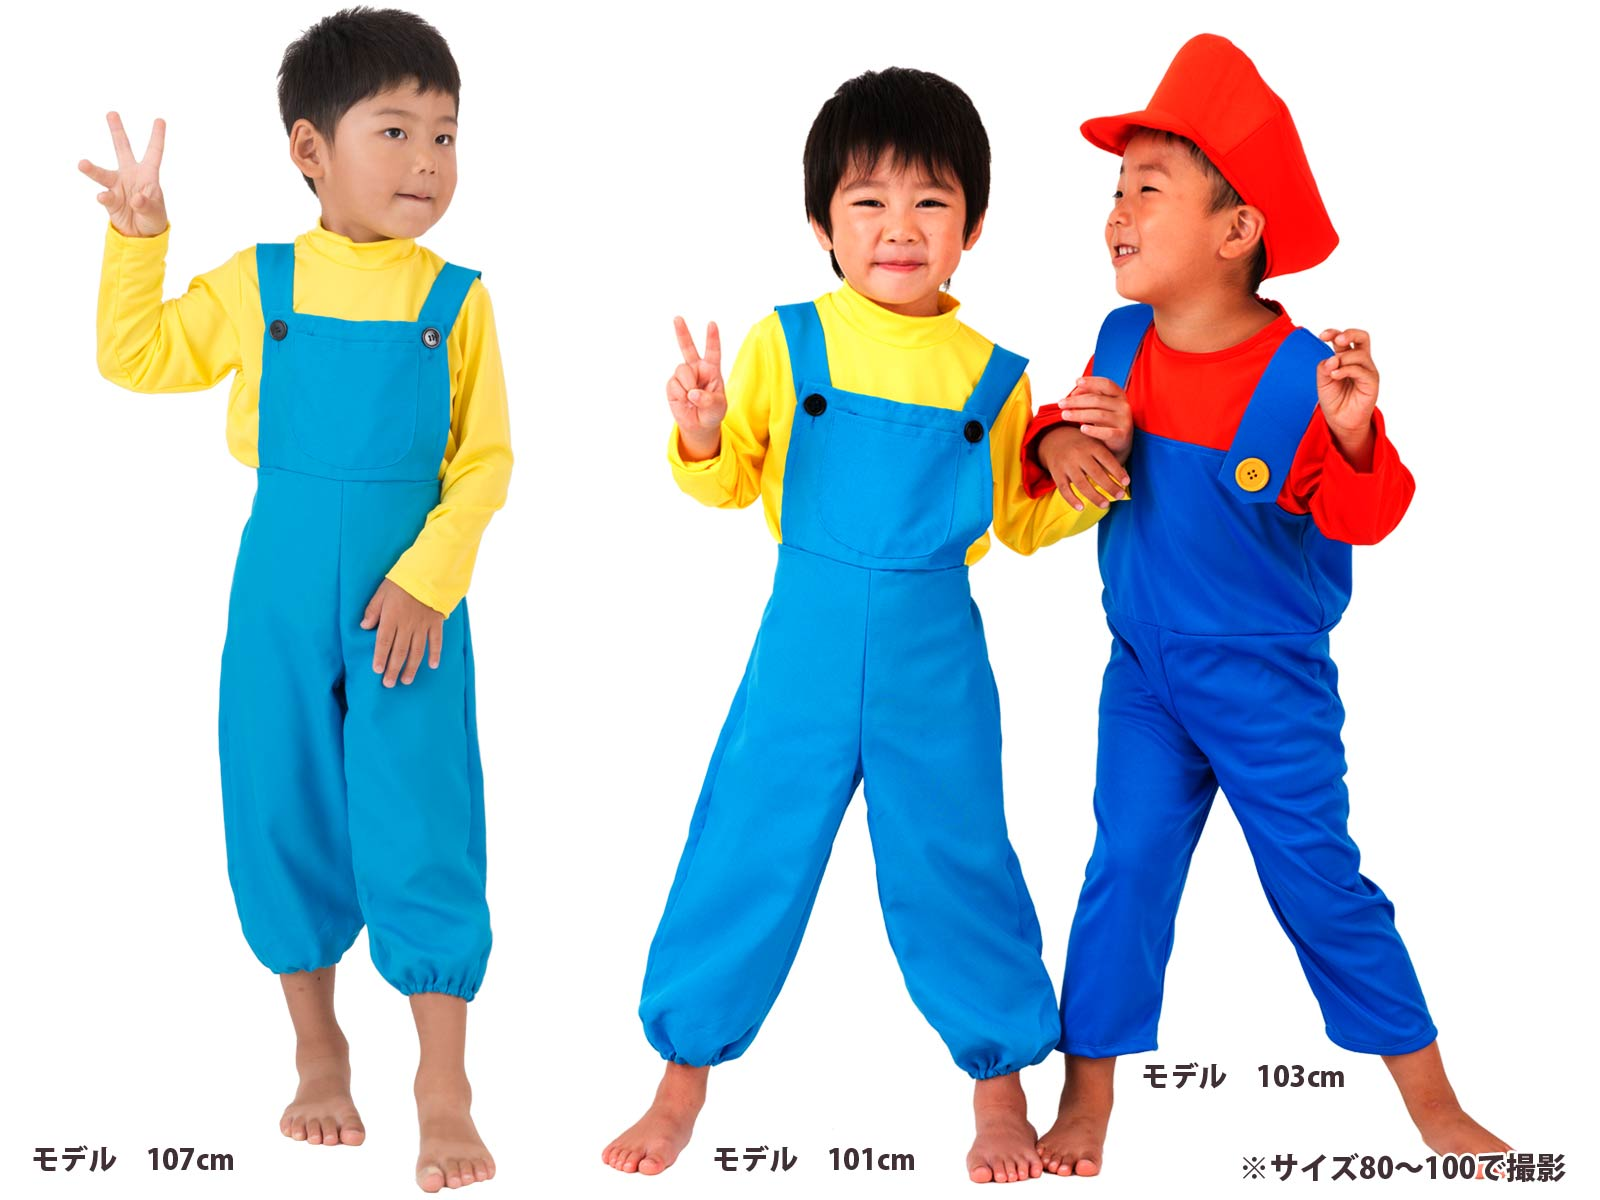 Kids fancy dress boysu0027 dress costume for Helloween look like u0027Minionsu0027 for party literary exhibitions yellow u0026 blue / Sizes 60 70 80 90 100 110 120 130cm ...  sc 1 st  Rakuten & Shussanjunbi Akachan Market   Rakuten Global Market: Kids fancy ...